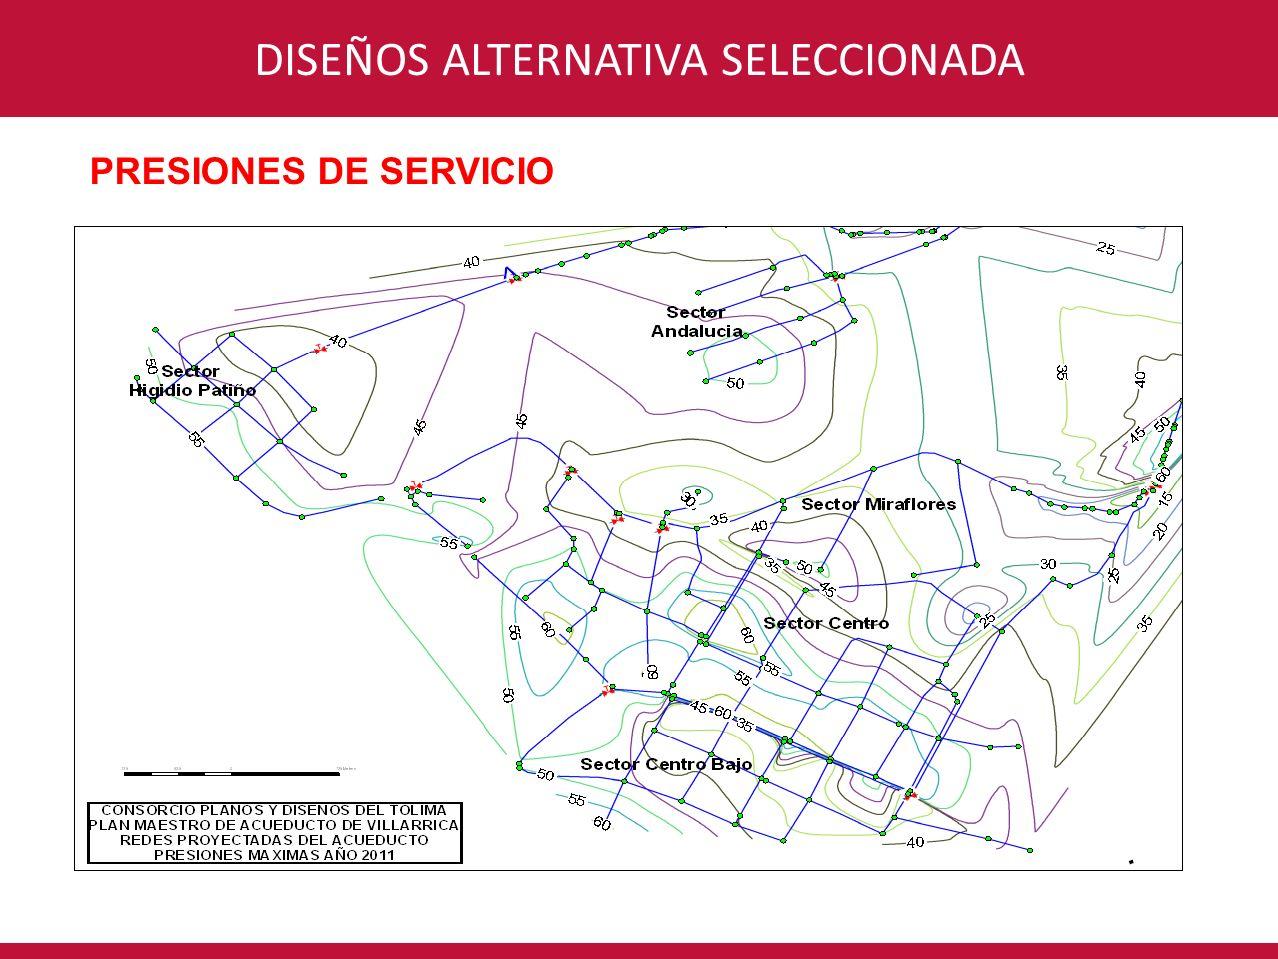 CONSORCIO INTERVENTORÍA POR UN NUEVO VALLEDISEÑOS ALTERNATIVA SELECCIONADA PRESIONES DE SERVICIO